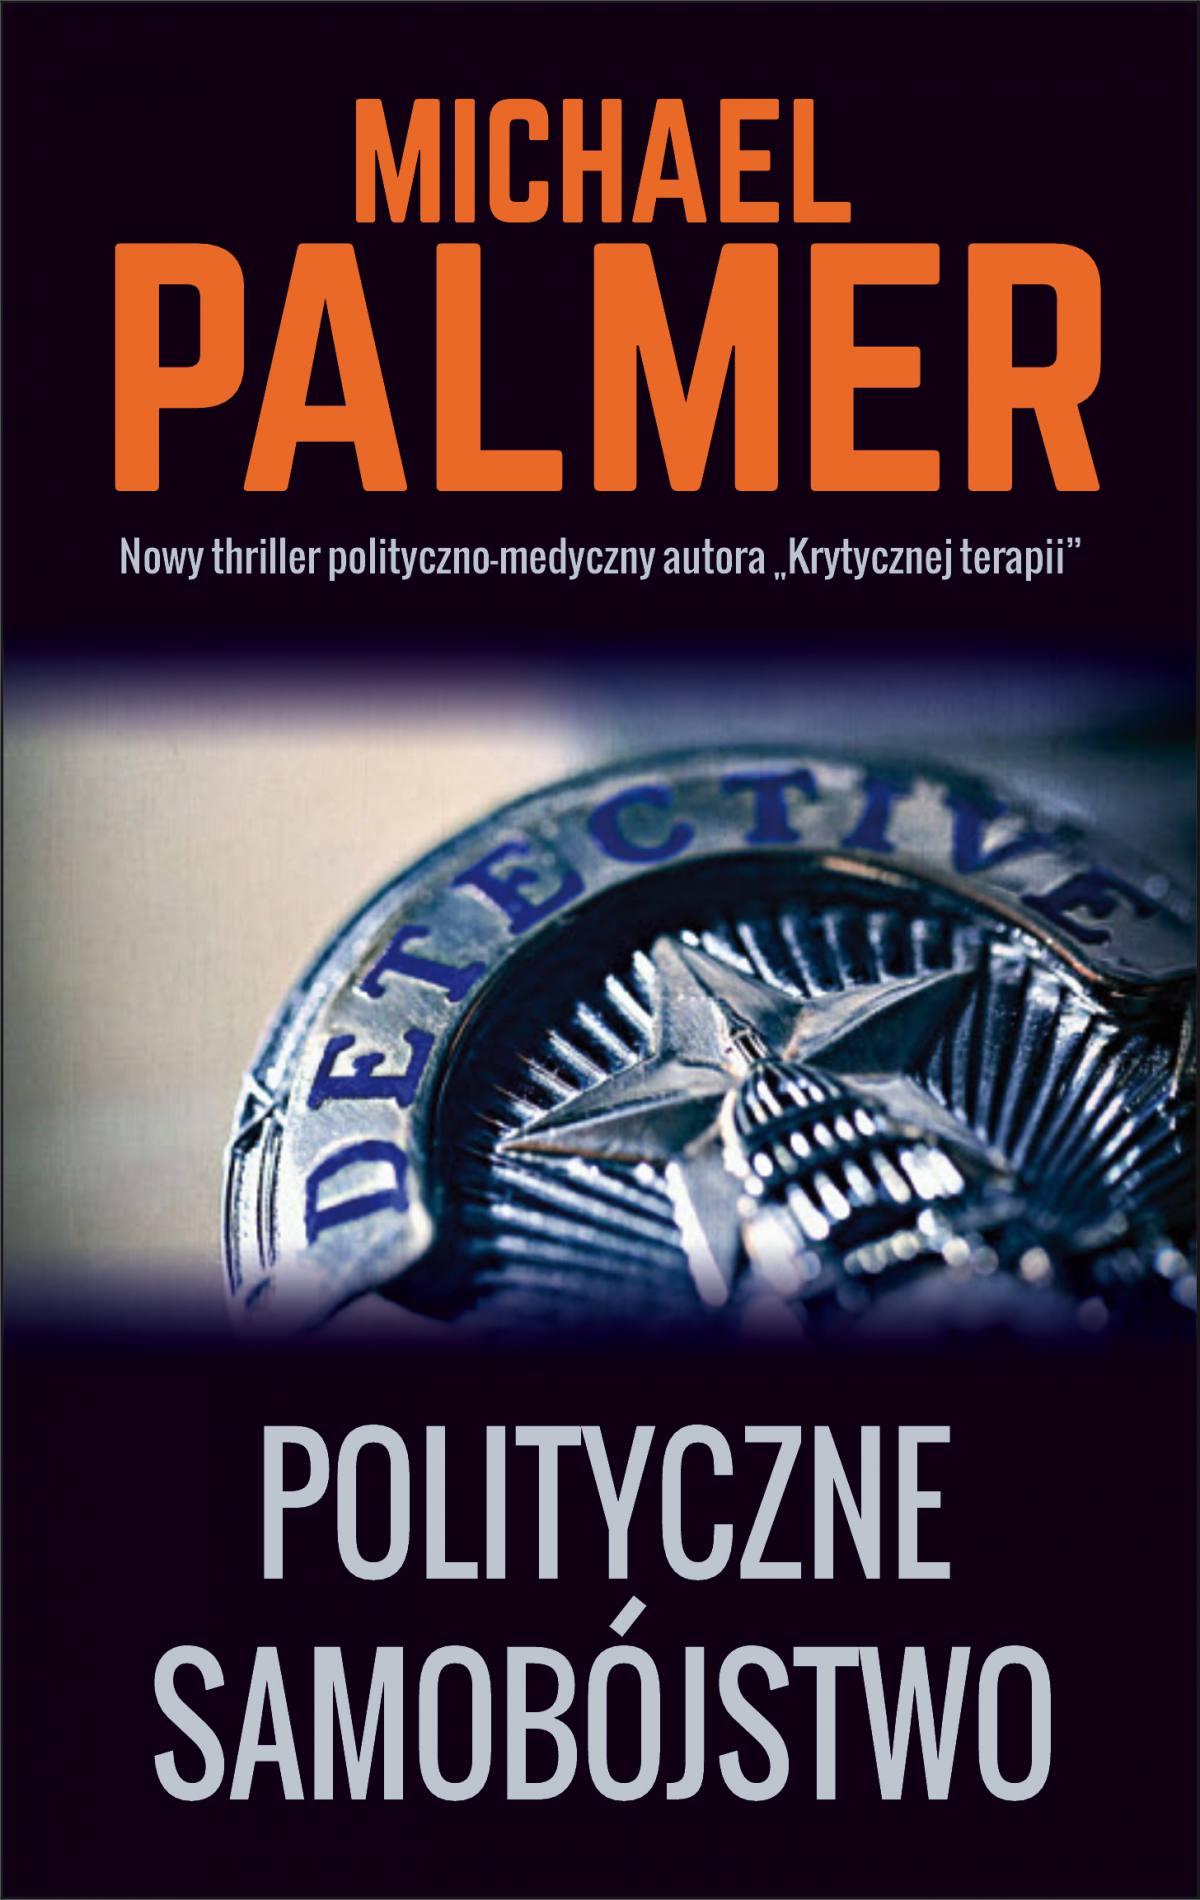 Polityczne samobójstwo - Ebook (Książka EPUB) do pobrania w formacie EPUB